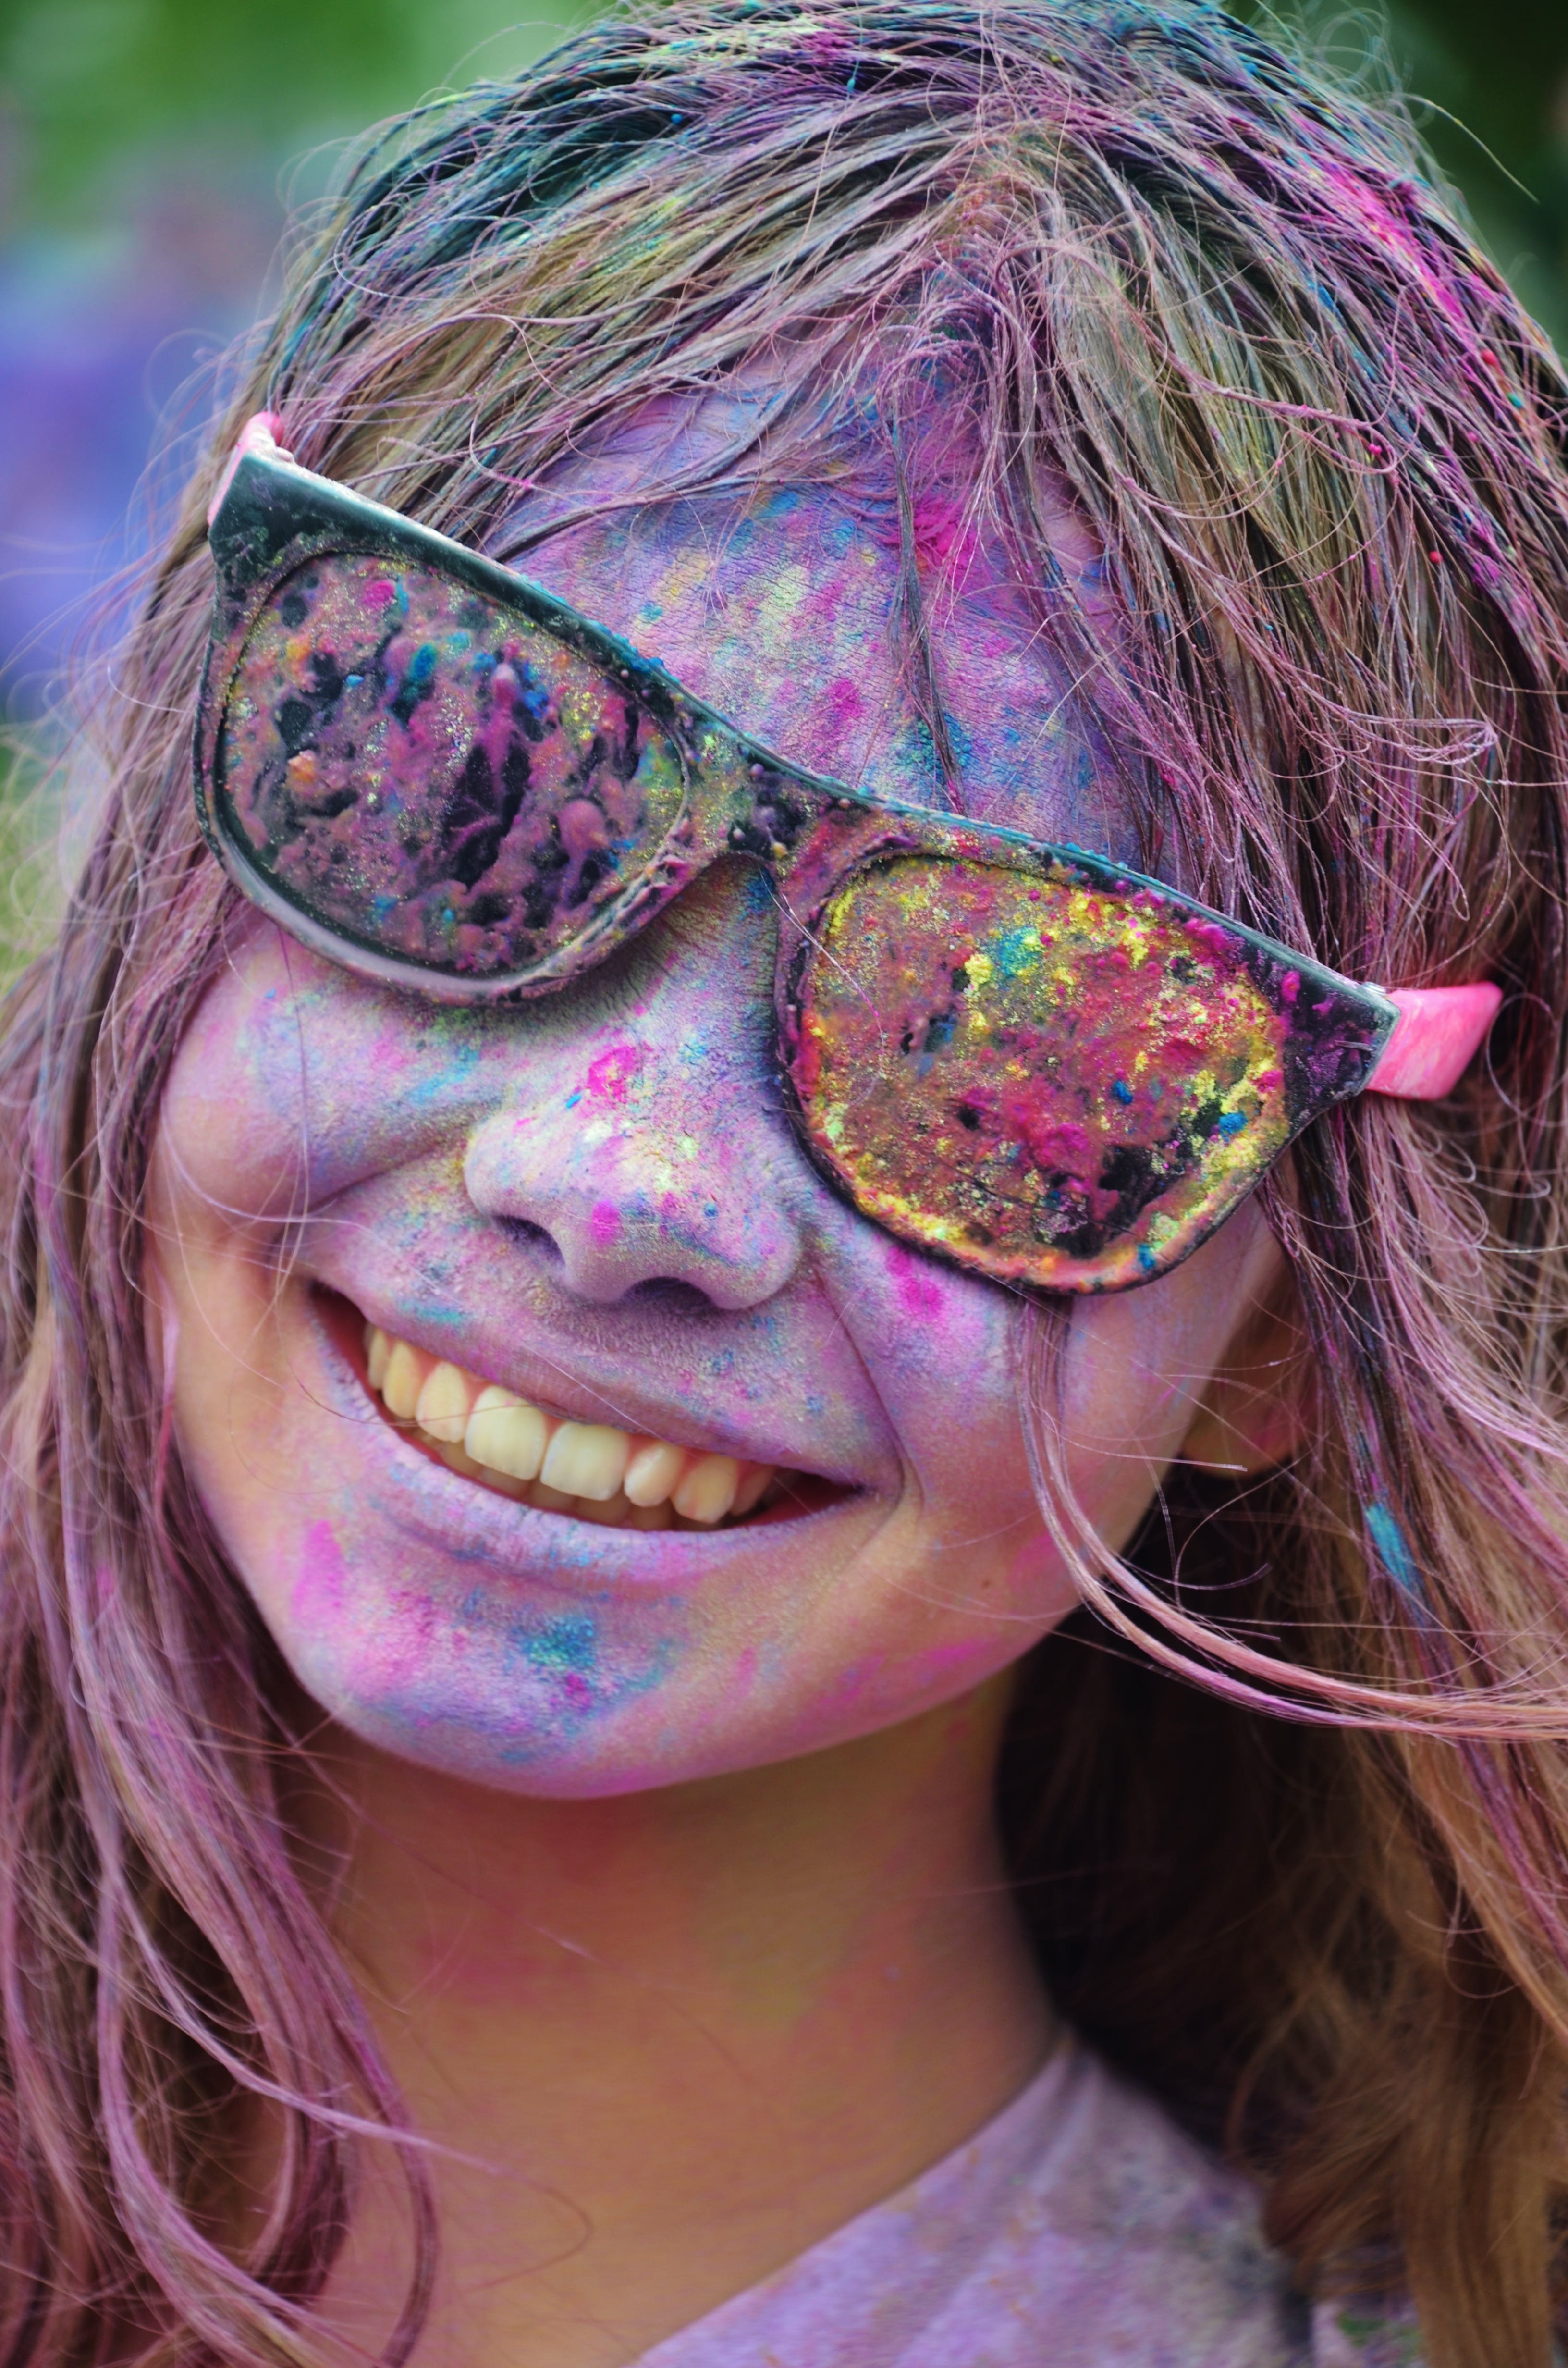 人, 塗料, 墨鏡, 女孩 的 免费素材照片